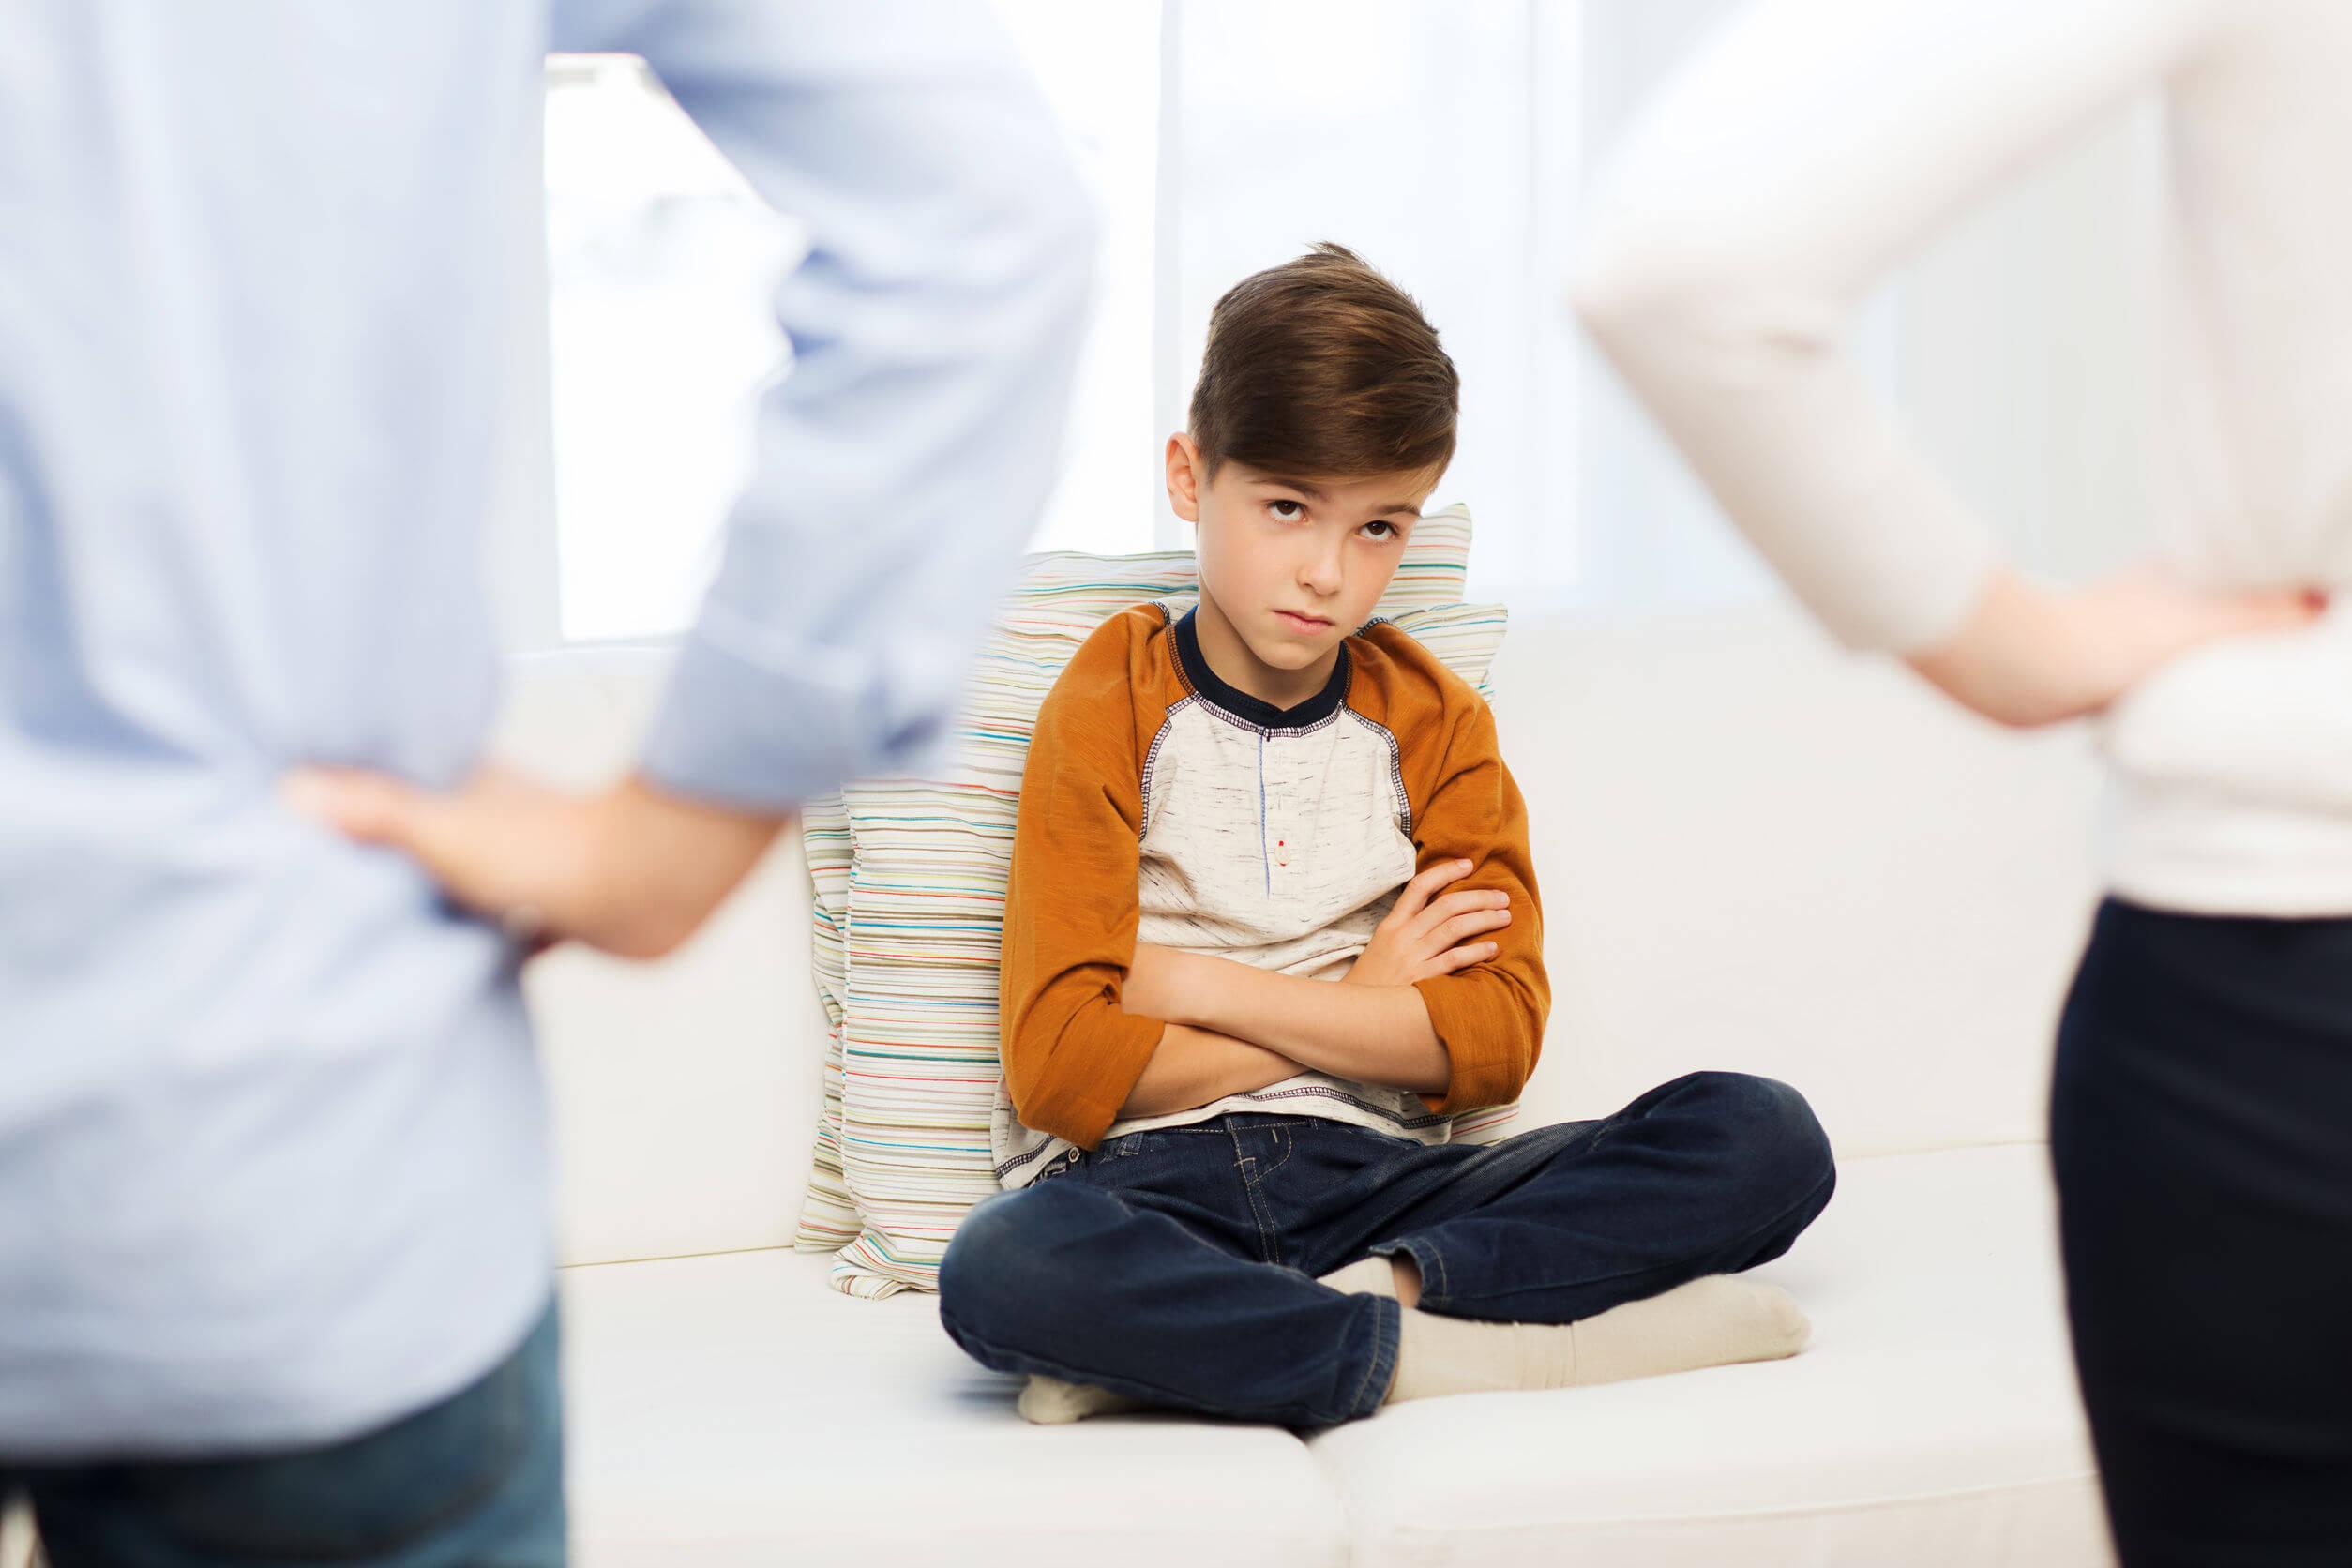 Des parents exigeants grondent leur enfant sans perdre leur sang-froid.